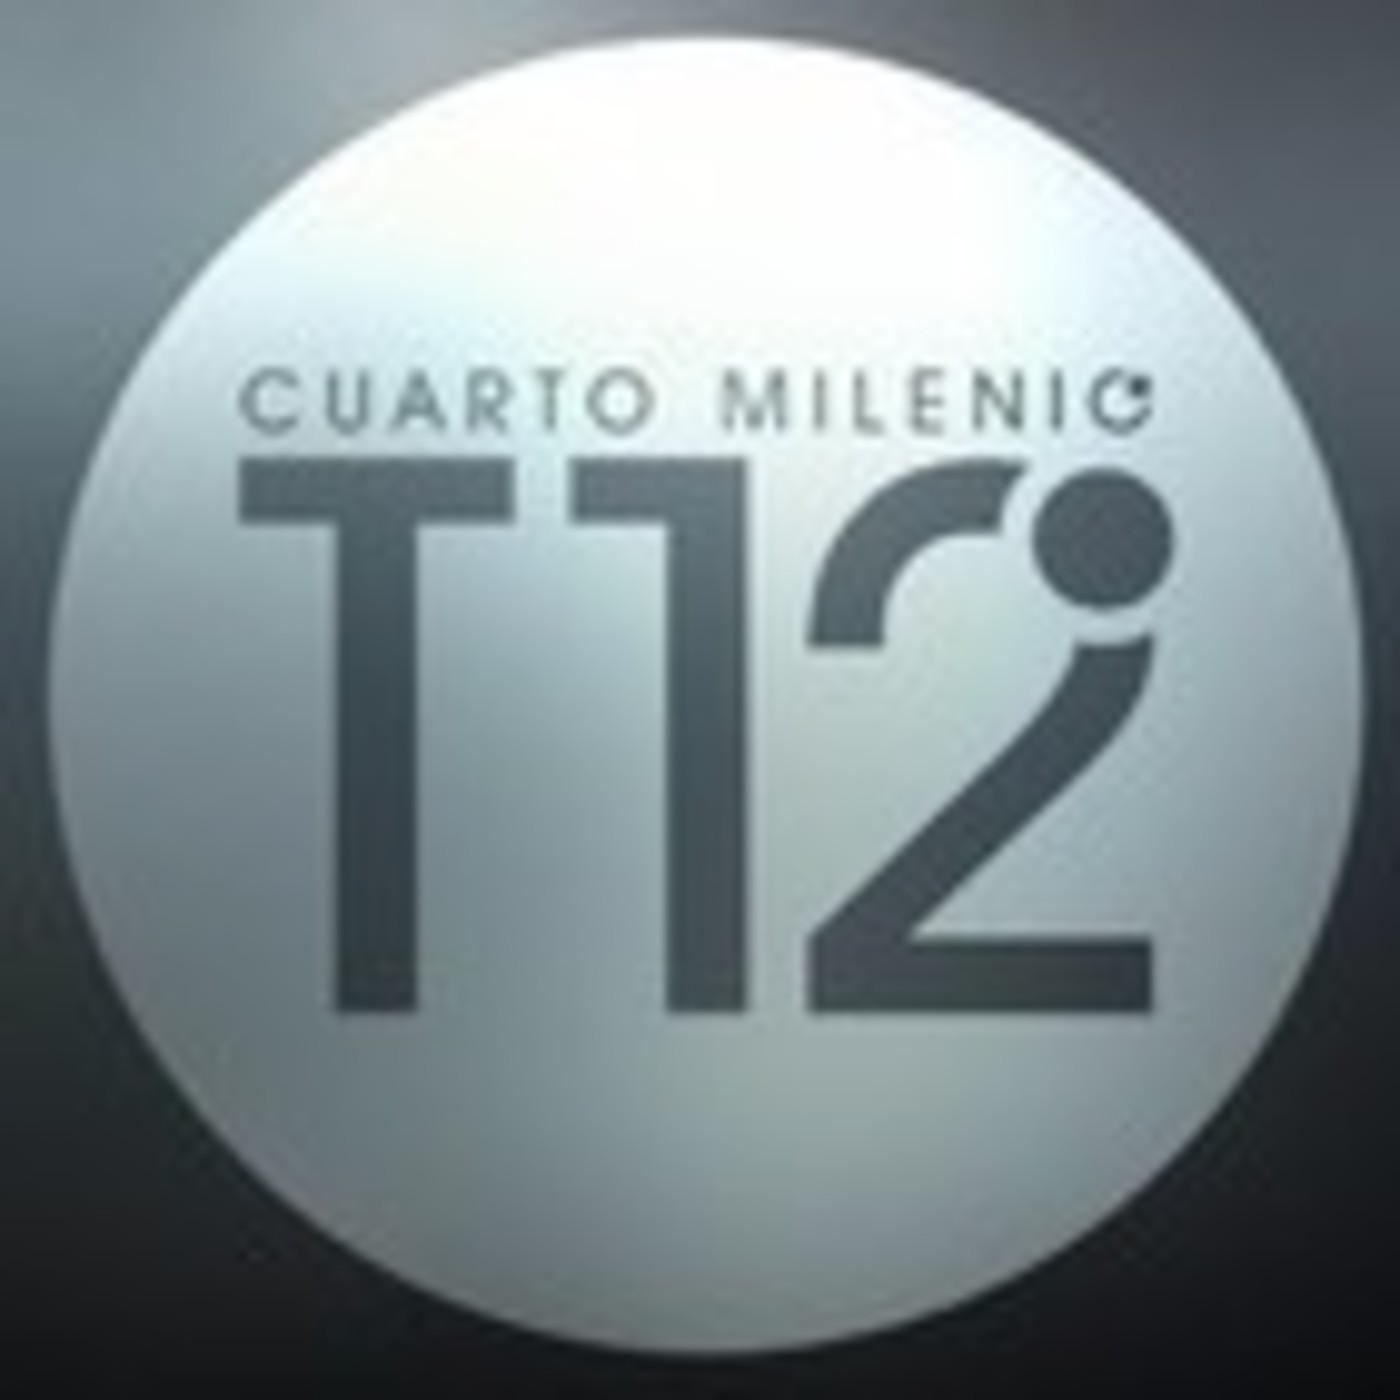 Cuarto milenio (5/3/2017) 12x27: Noche en la facultad • La maldición ...